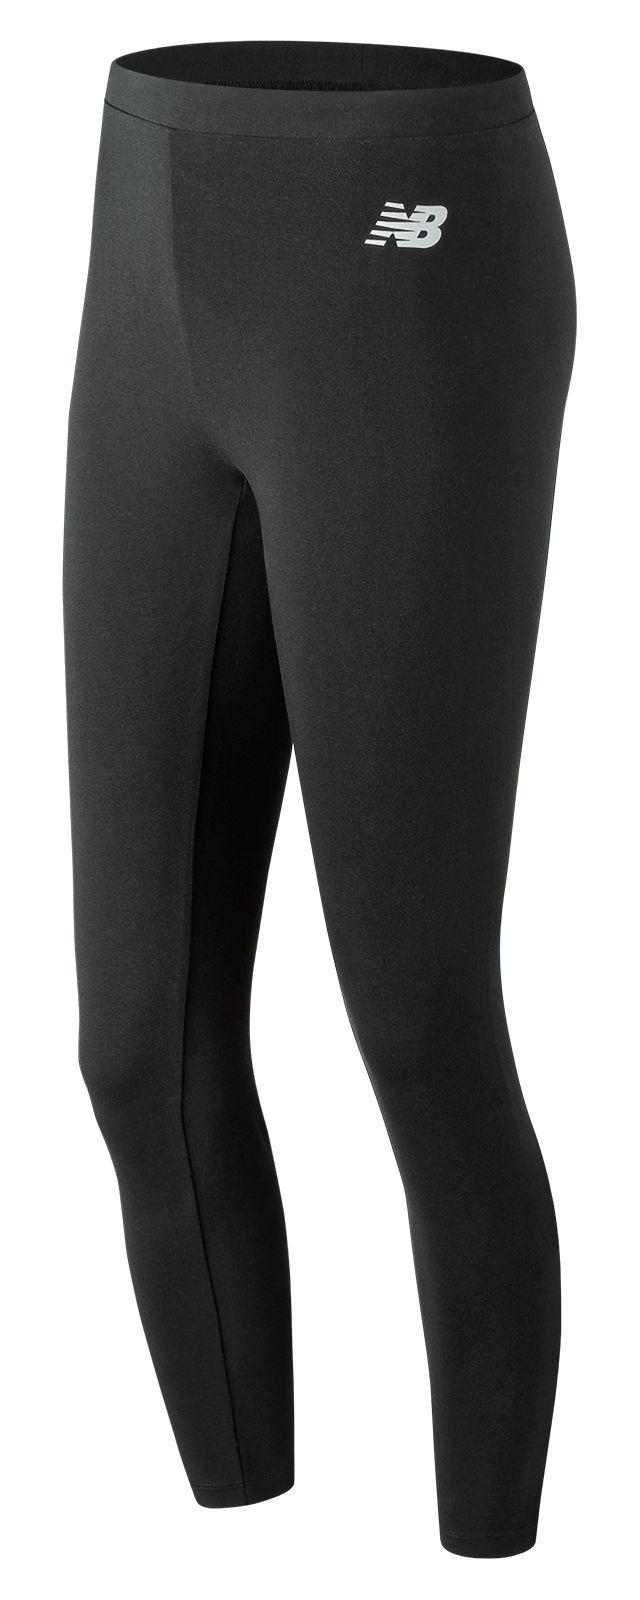 Women's Essentials 90s Legging